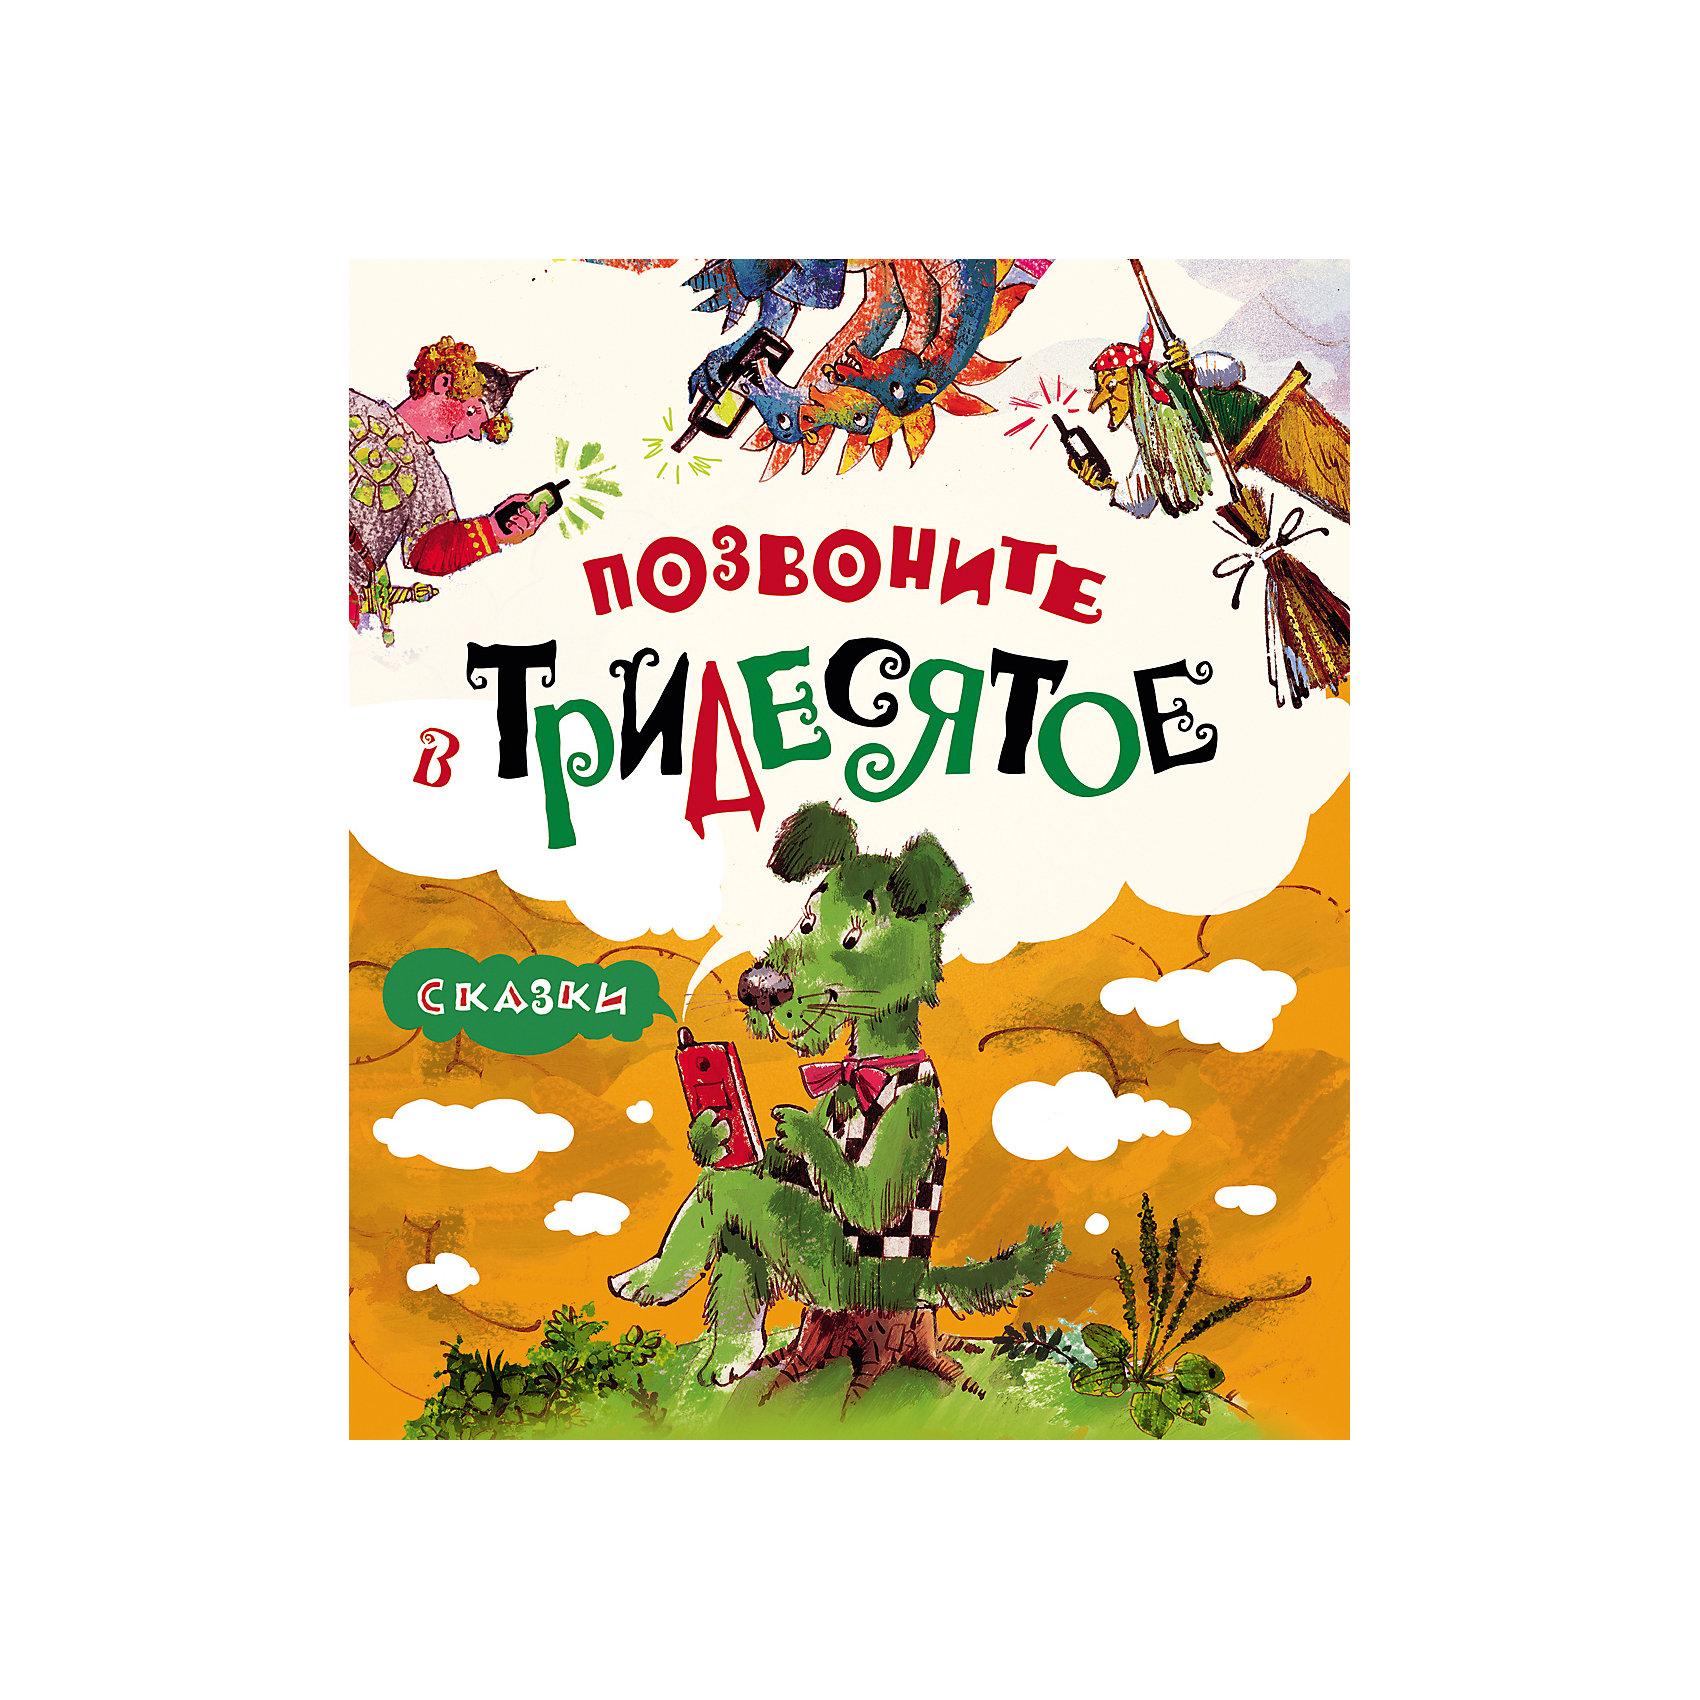 Позвоните в ТридесятоеРусские сказки<br>Характеристики товара:<br><br>- цвет: разноцветный;<br>- материал: бумага;<br>- страниц: 160;<br>- формат: 24 х 20 см;<br>- обложка: твердая;<br>- иллюстрации.<br><br>Эта интересная книга с иллюстрациями станет отличным подарком для ребенка. Она содержит в себе волшебные рассказы Ольги Фадеевой, Ирины Наумовой, Аи эН, Риммы Алдониной и многих других, которые полюбились уже многим! Талантливый иллюстратор дополнил книгу качественными рисунками, которые помогают ребенку проникнуться духом сказки.<br>Чтение - отличный способ активизации мышления, оно помогает ребенку развивать зрительную память, концентрацию внимания и воображение. Издание произведено из качественных материалов, которые безопасны даже для самых маленьких.<br><br>Книгу Сказки Позвоните в Тридесятое от компании Росмэн можно купить в нашем интернет-магазине.<br><br>Ширина мм: 242<br>Глубина мм: 203<br>Высота мм: 13<br>Вес г: 513<br>Возраст от месяцев: 60<br>Возраст до месяцев: 84<br>Пол: Унисекс<br>Возраст: Детский<br>SKU: 5109922